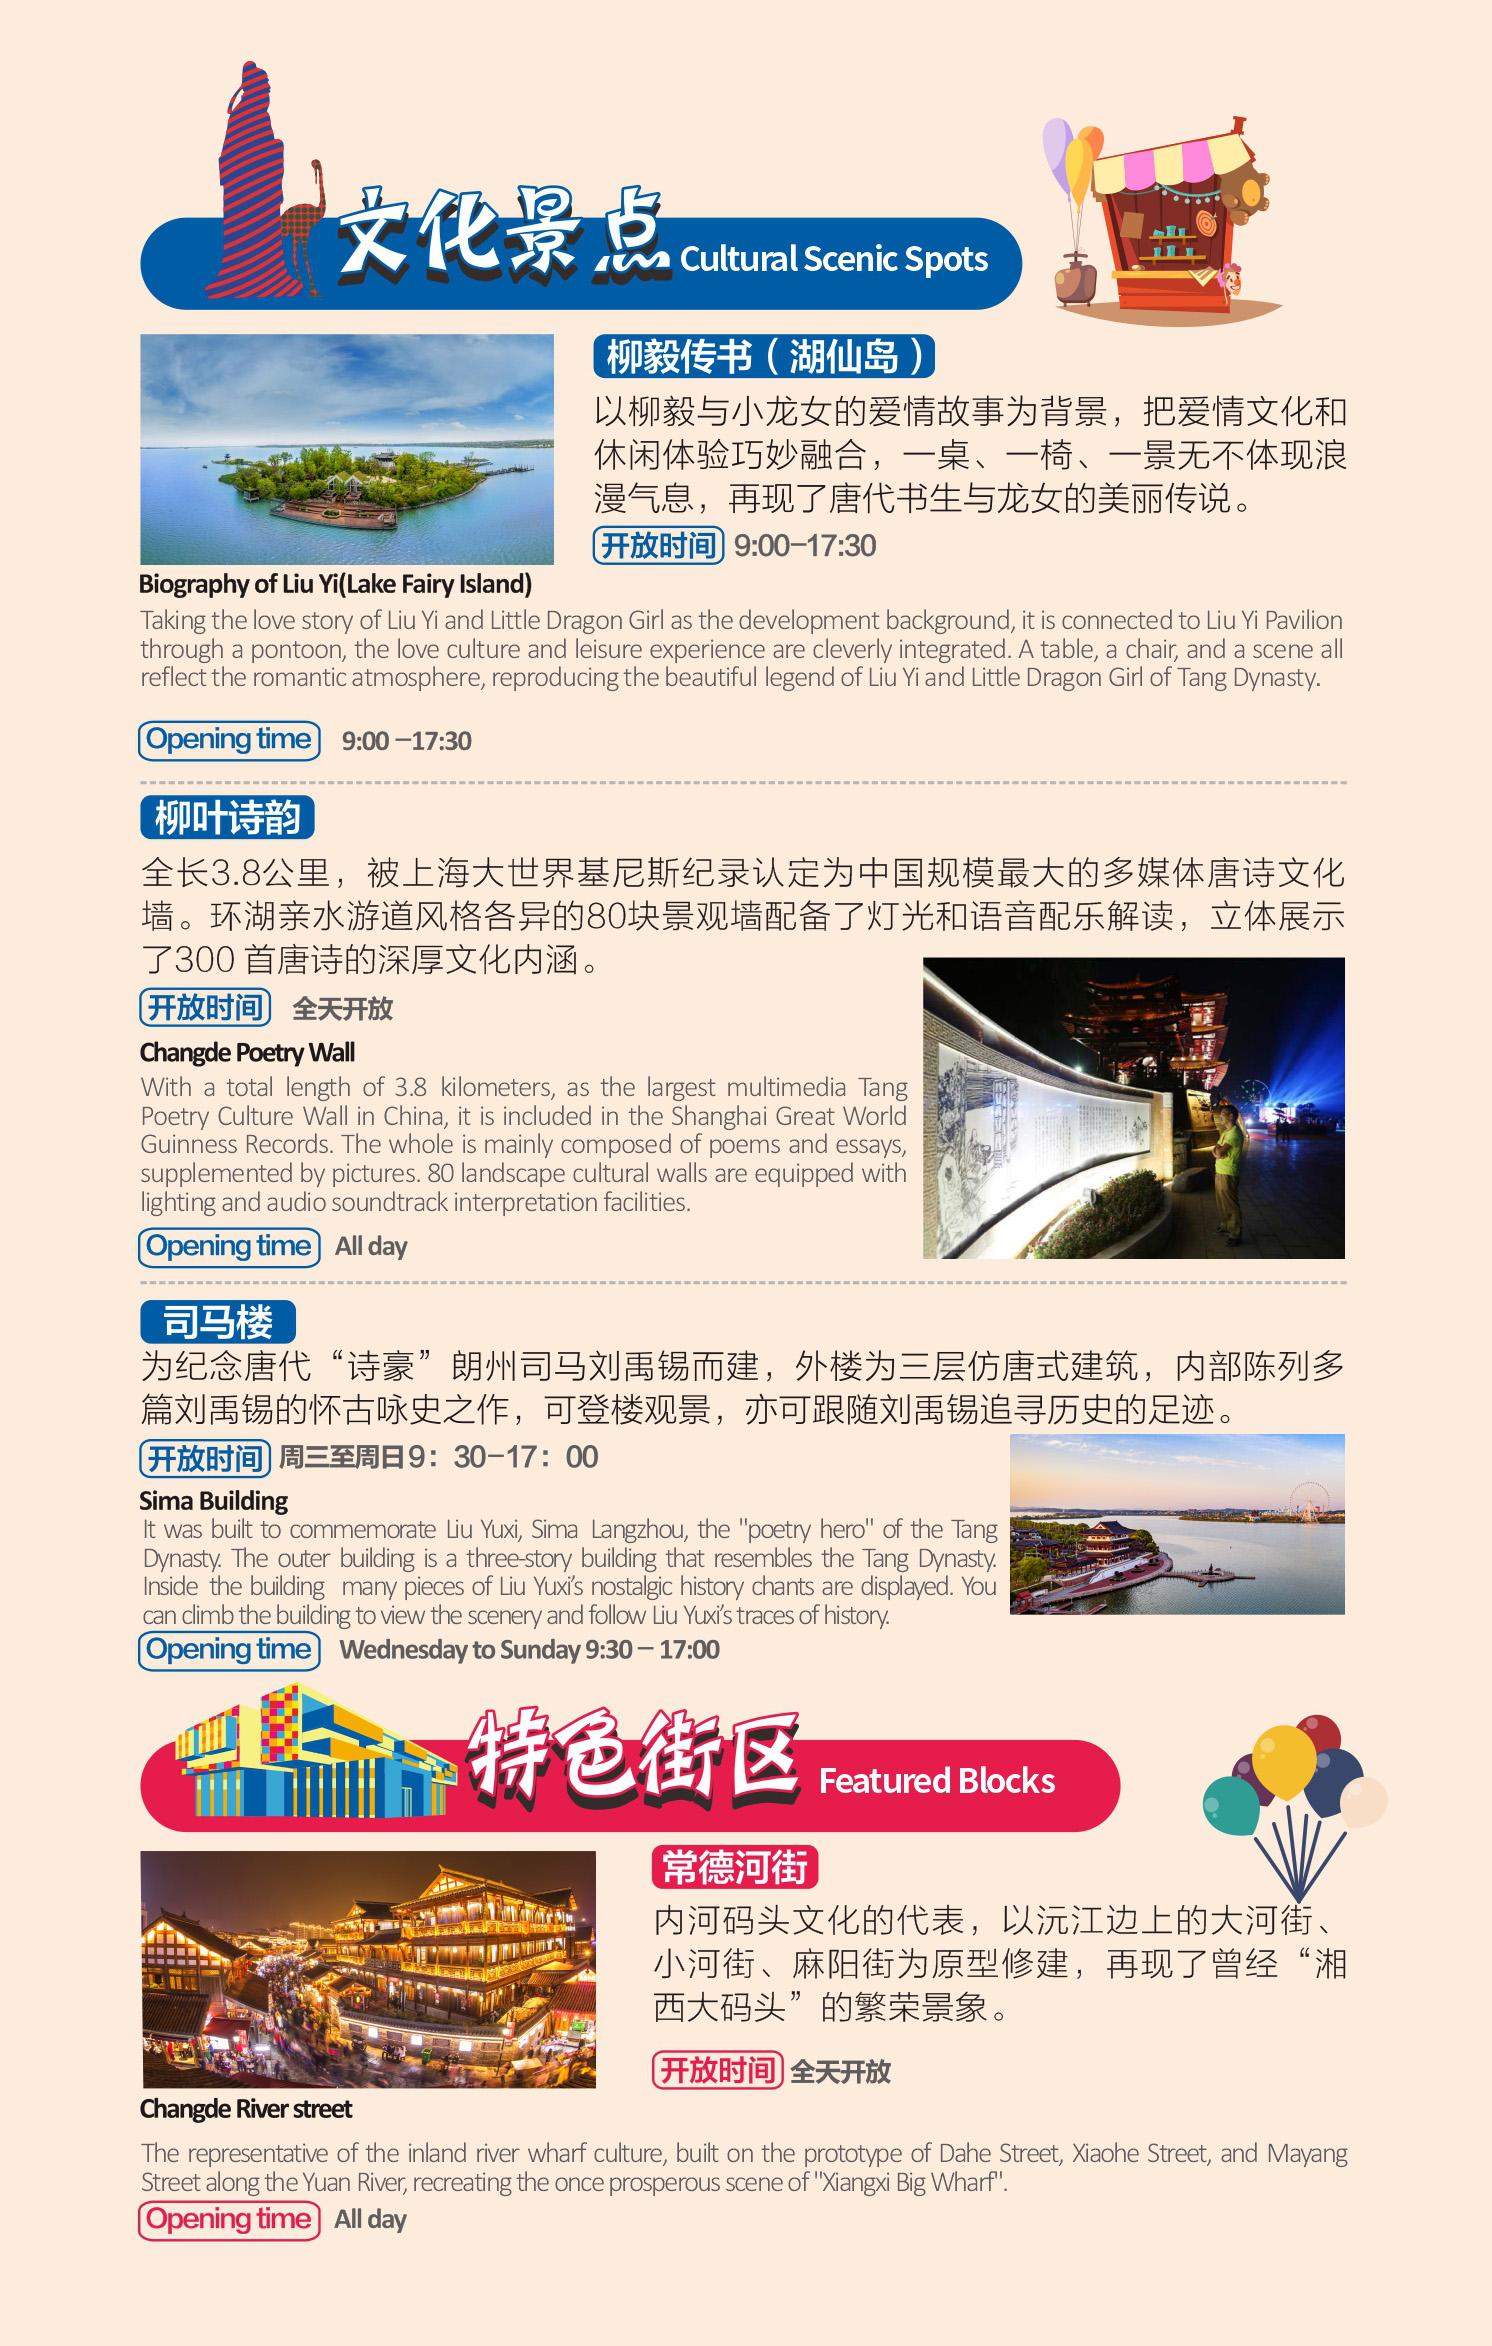 兴博旅助力柳叶湖成功创建国家级旅游度假区(图25)